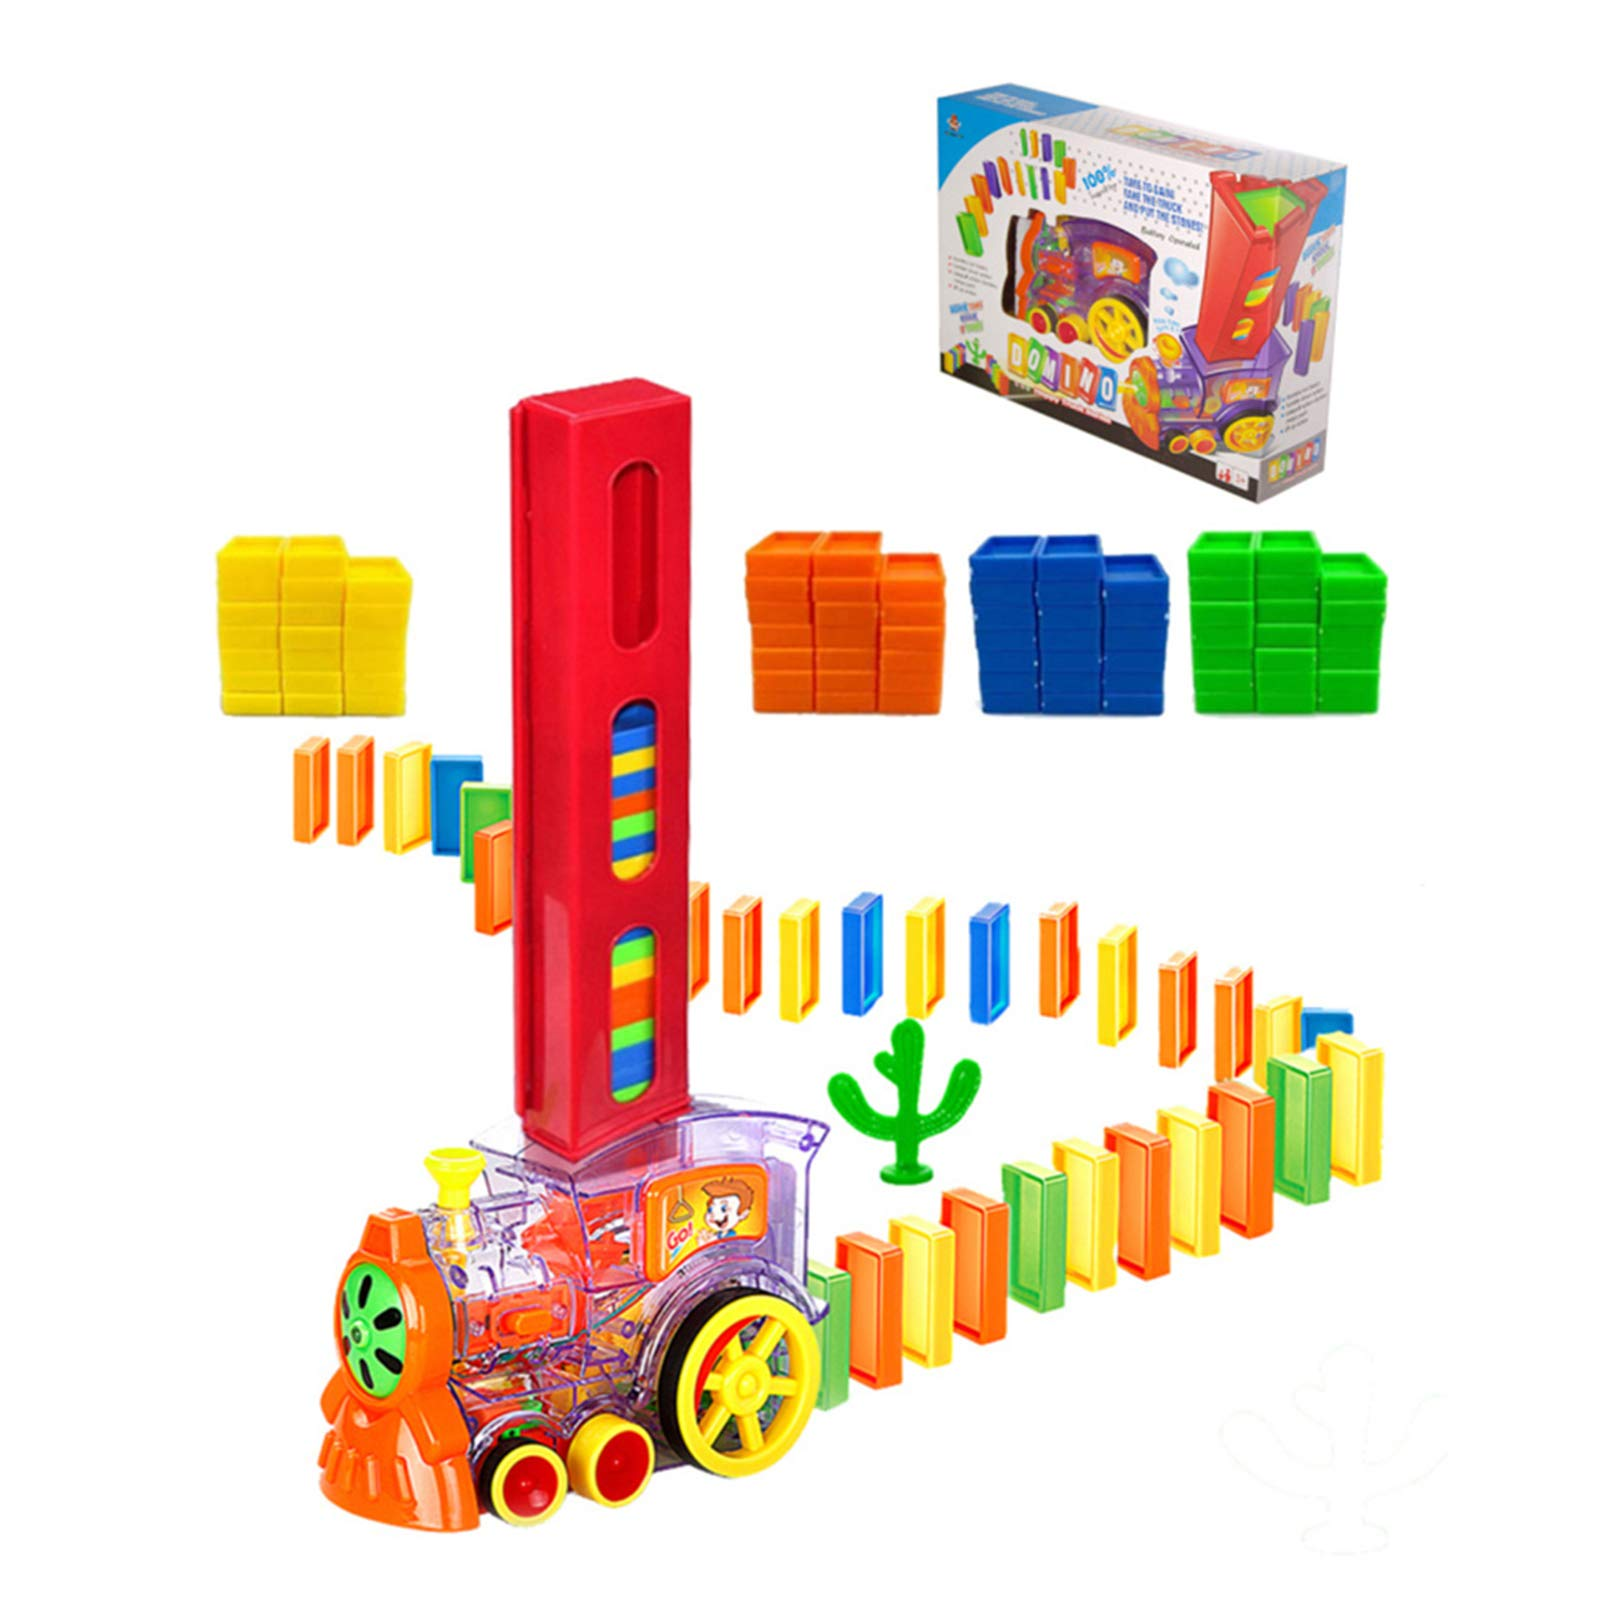 Jucarie de construit Trenul electric transparent Domino colorat